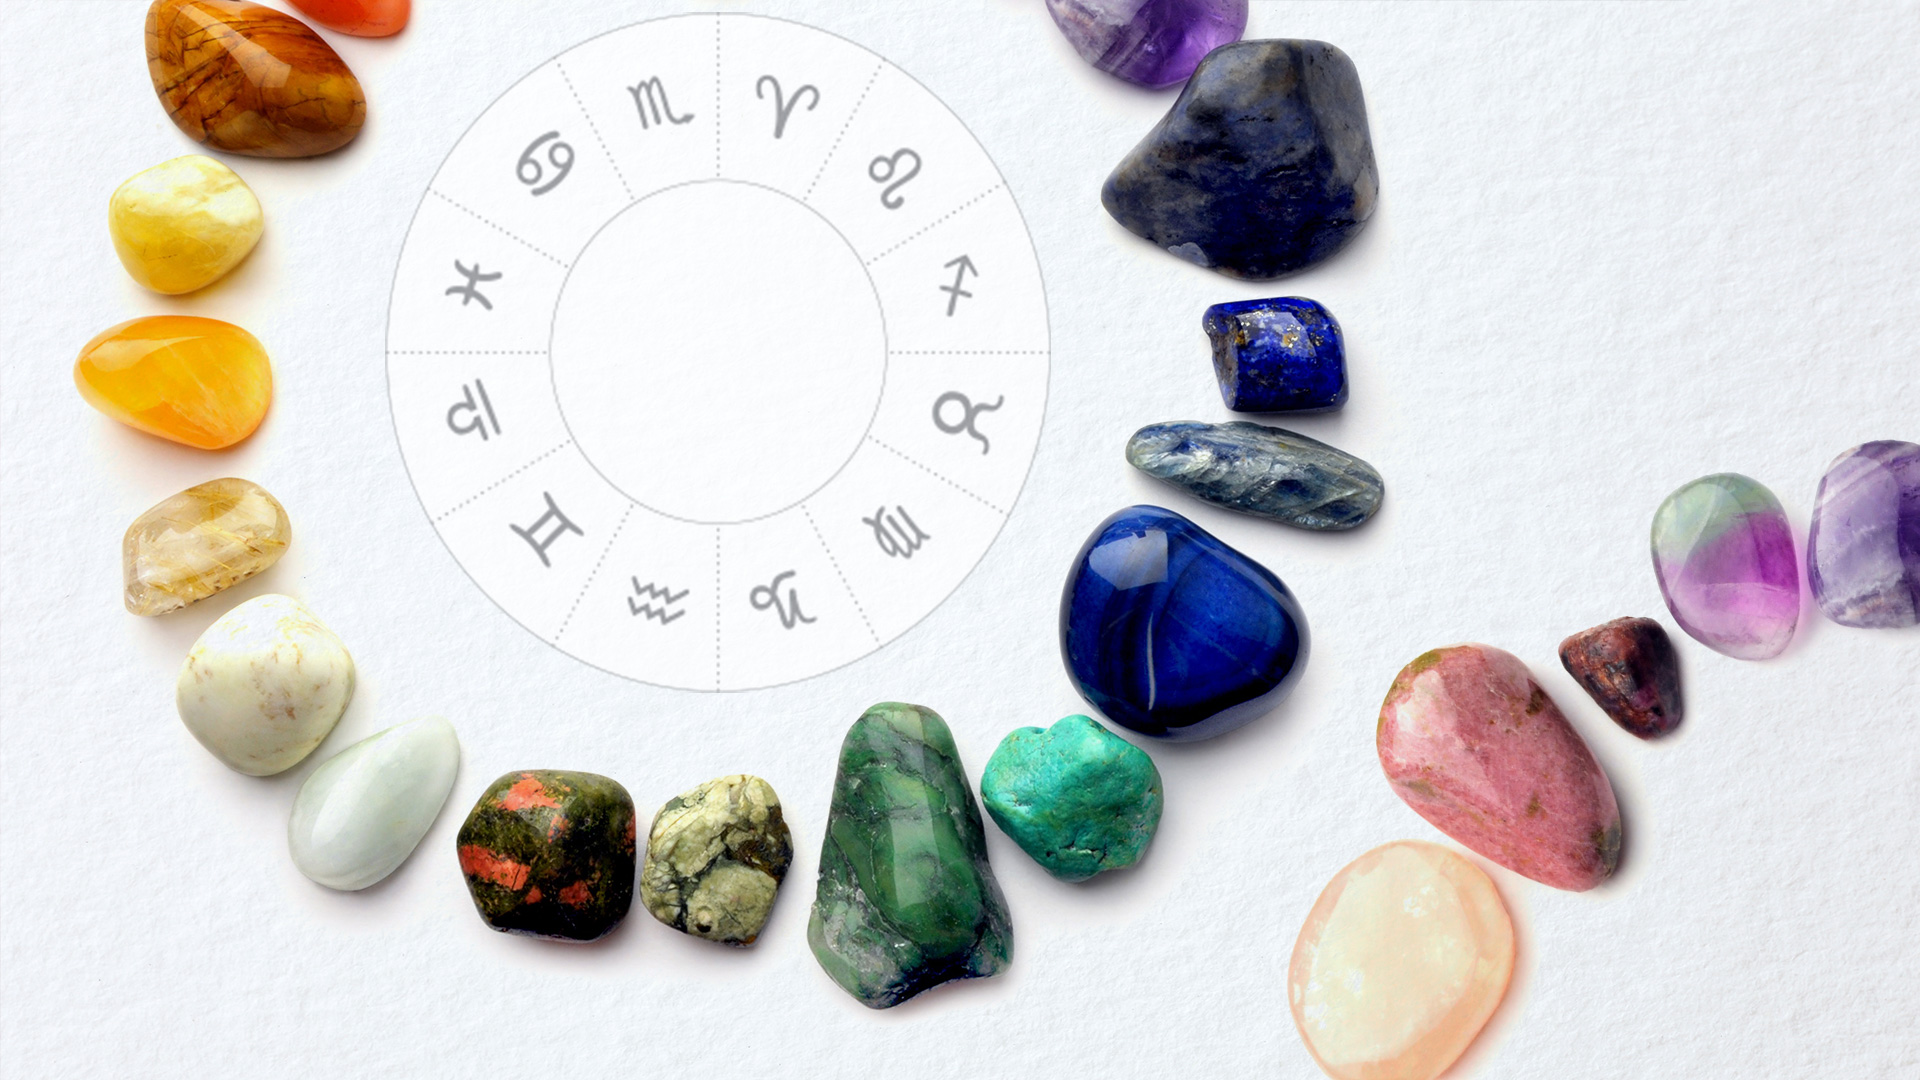 Камень иолит: физические свойства, фото и значение минерала для человека